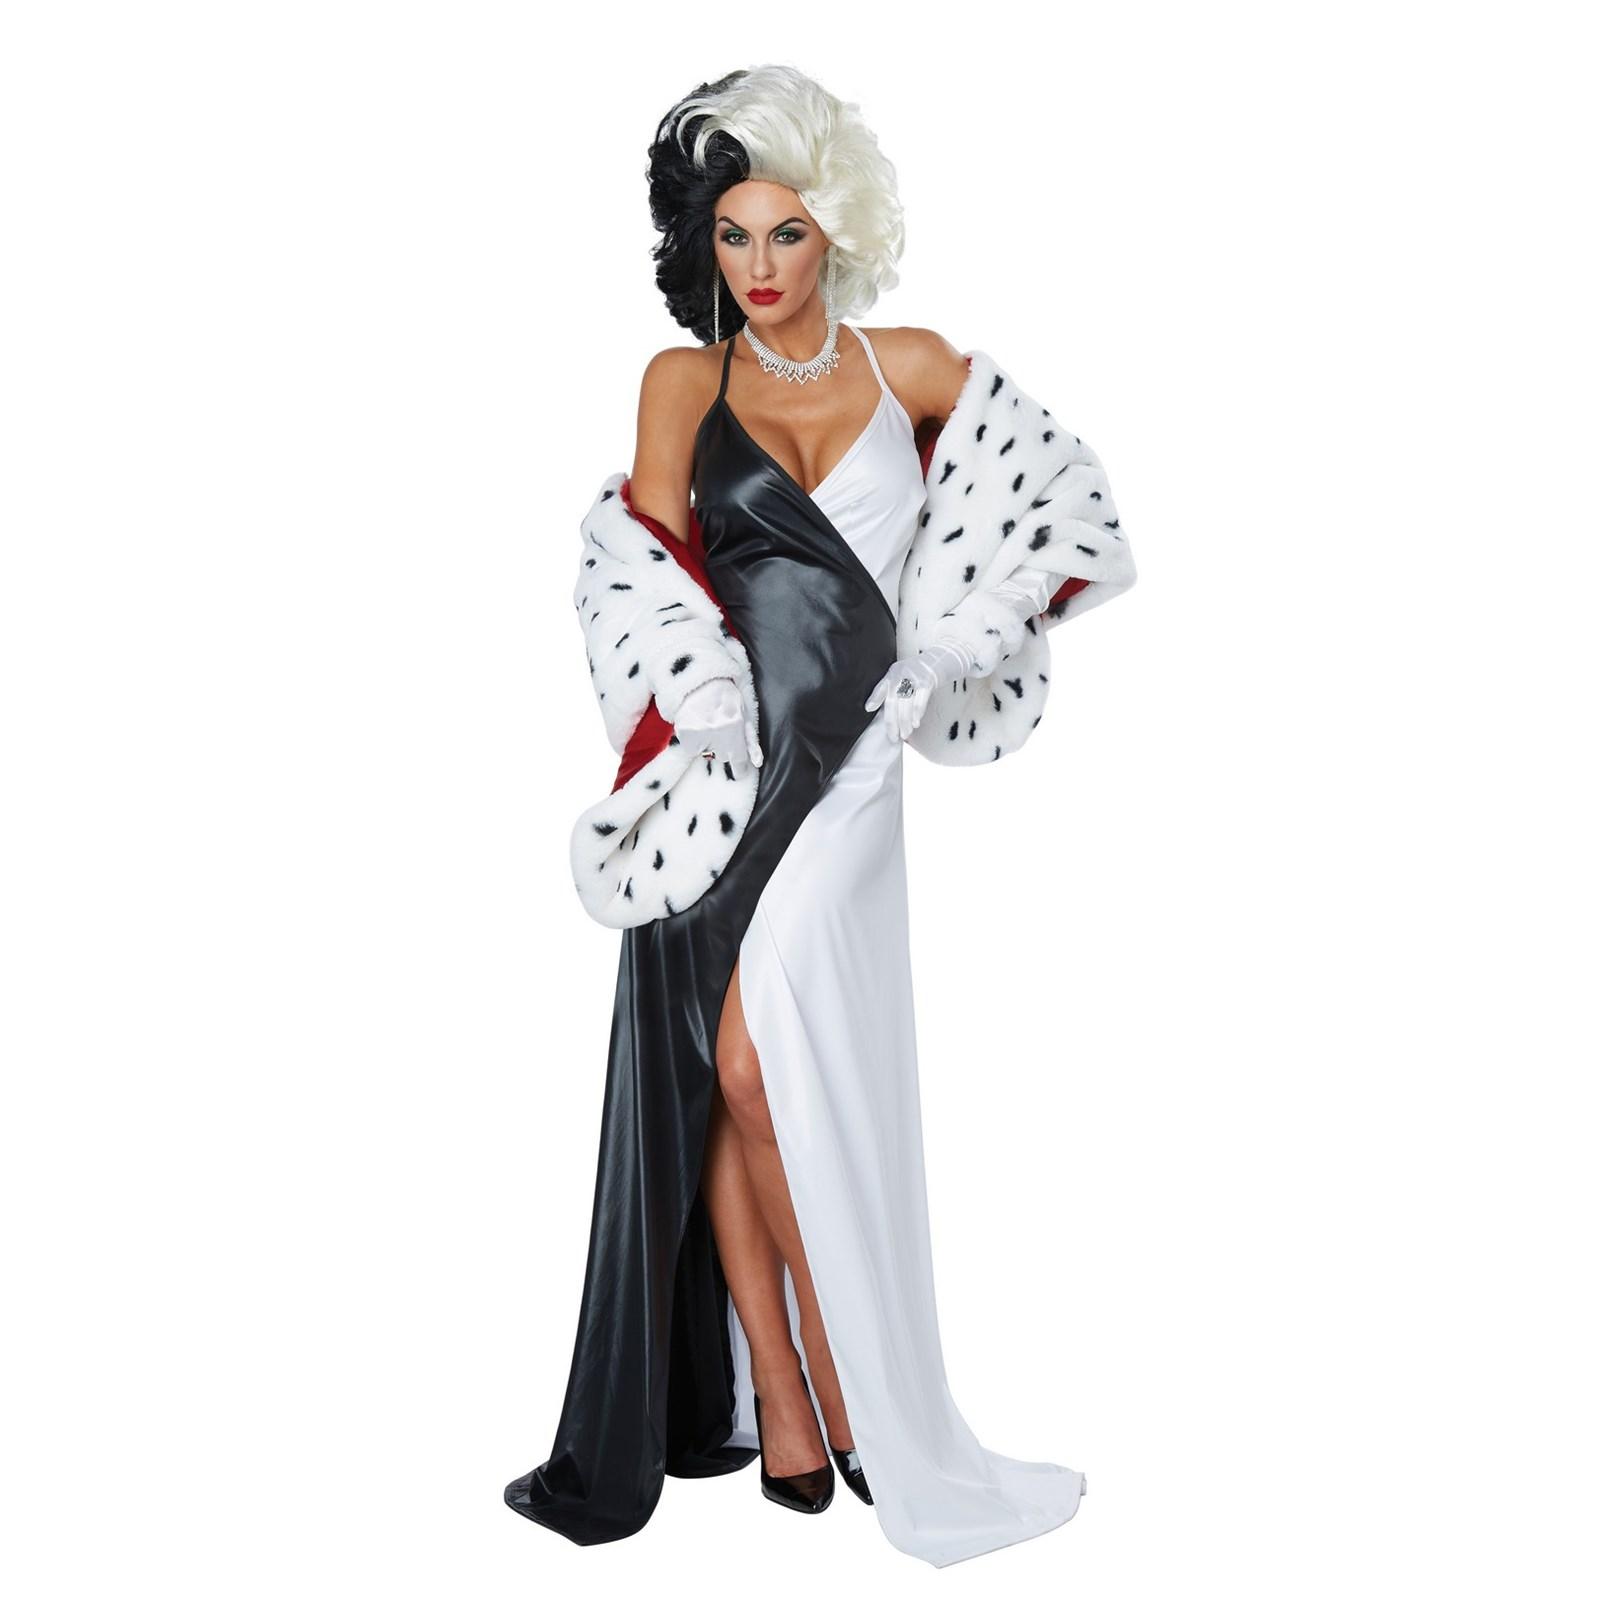 Cruel Diva Women's Halloween Costume